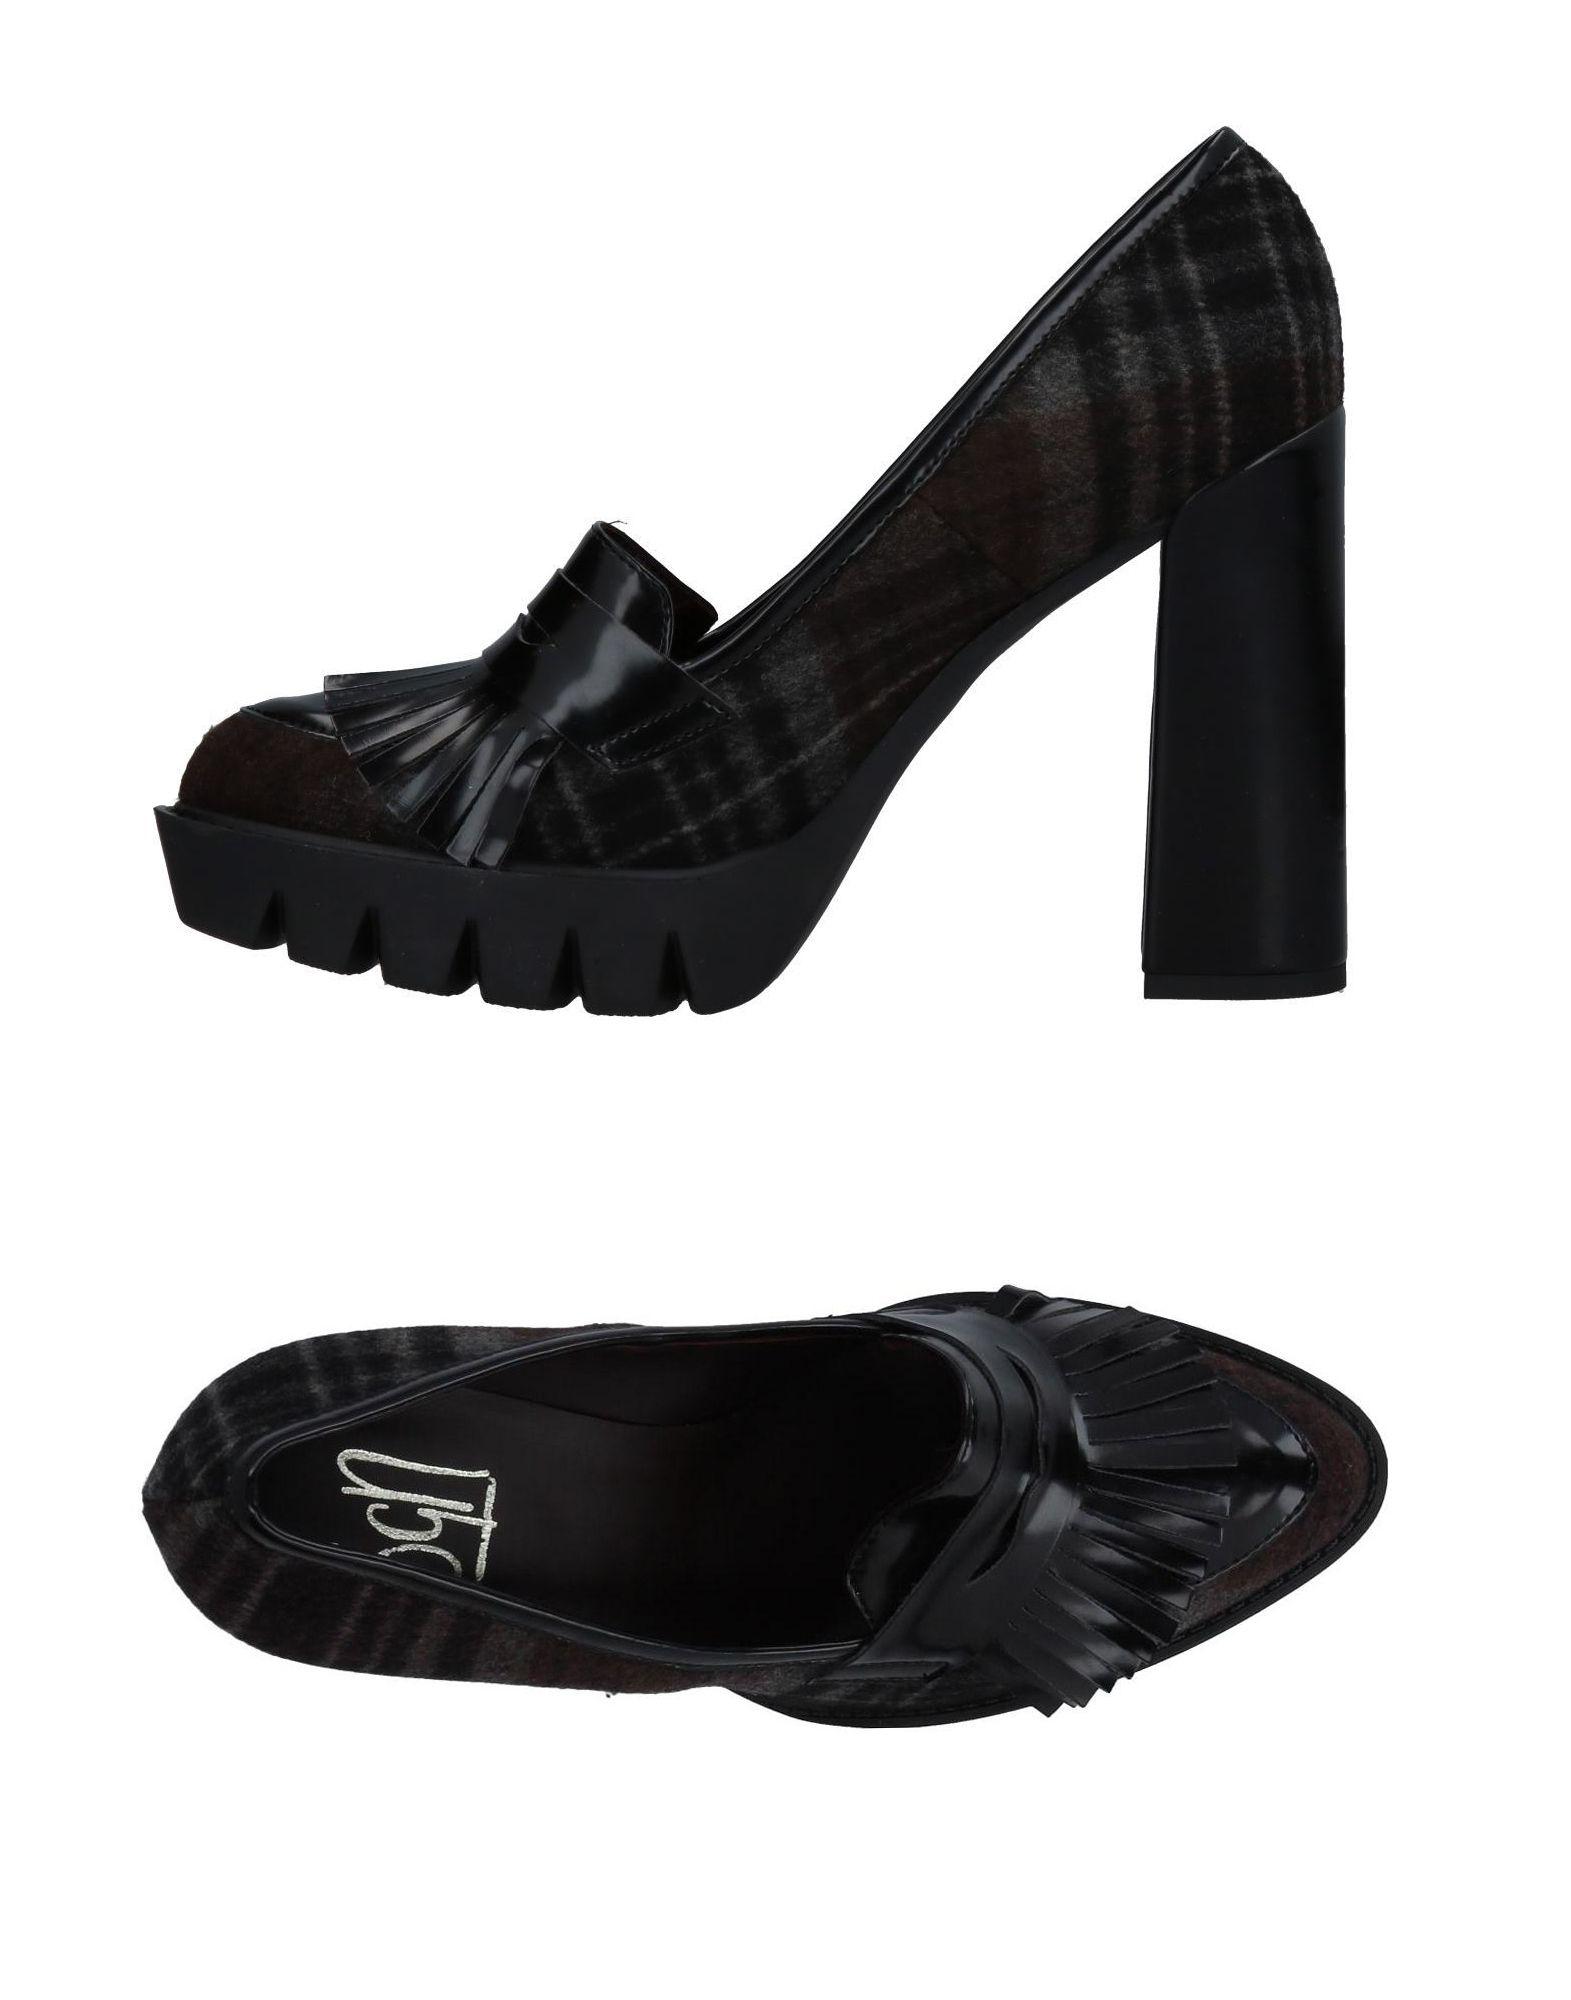 Sgn Giancarlo Paoli Mokassins Damen  11408978GF Gute Qualität beliebte Schuhe